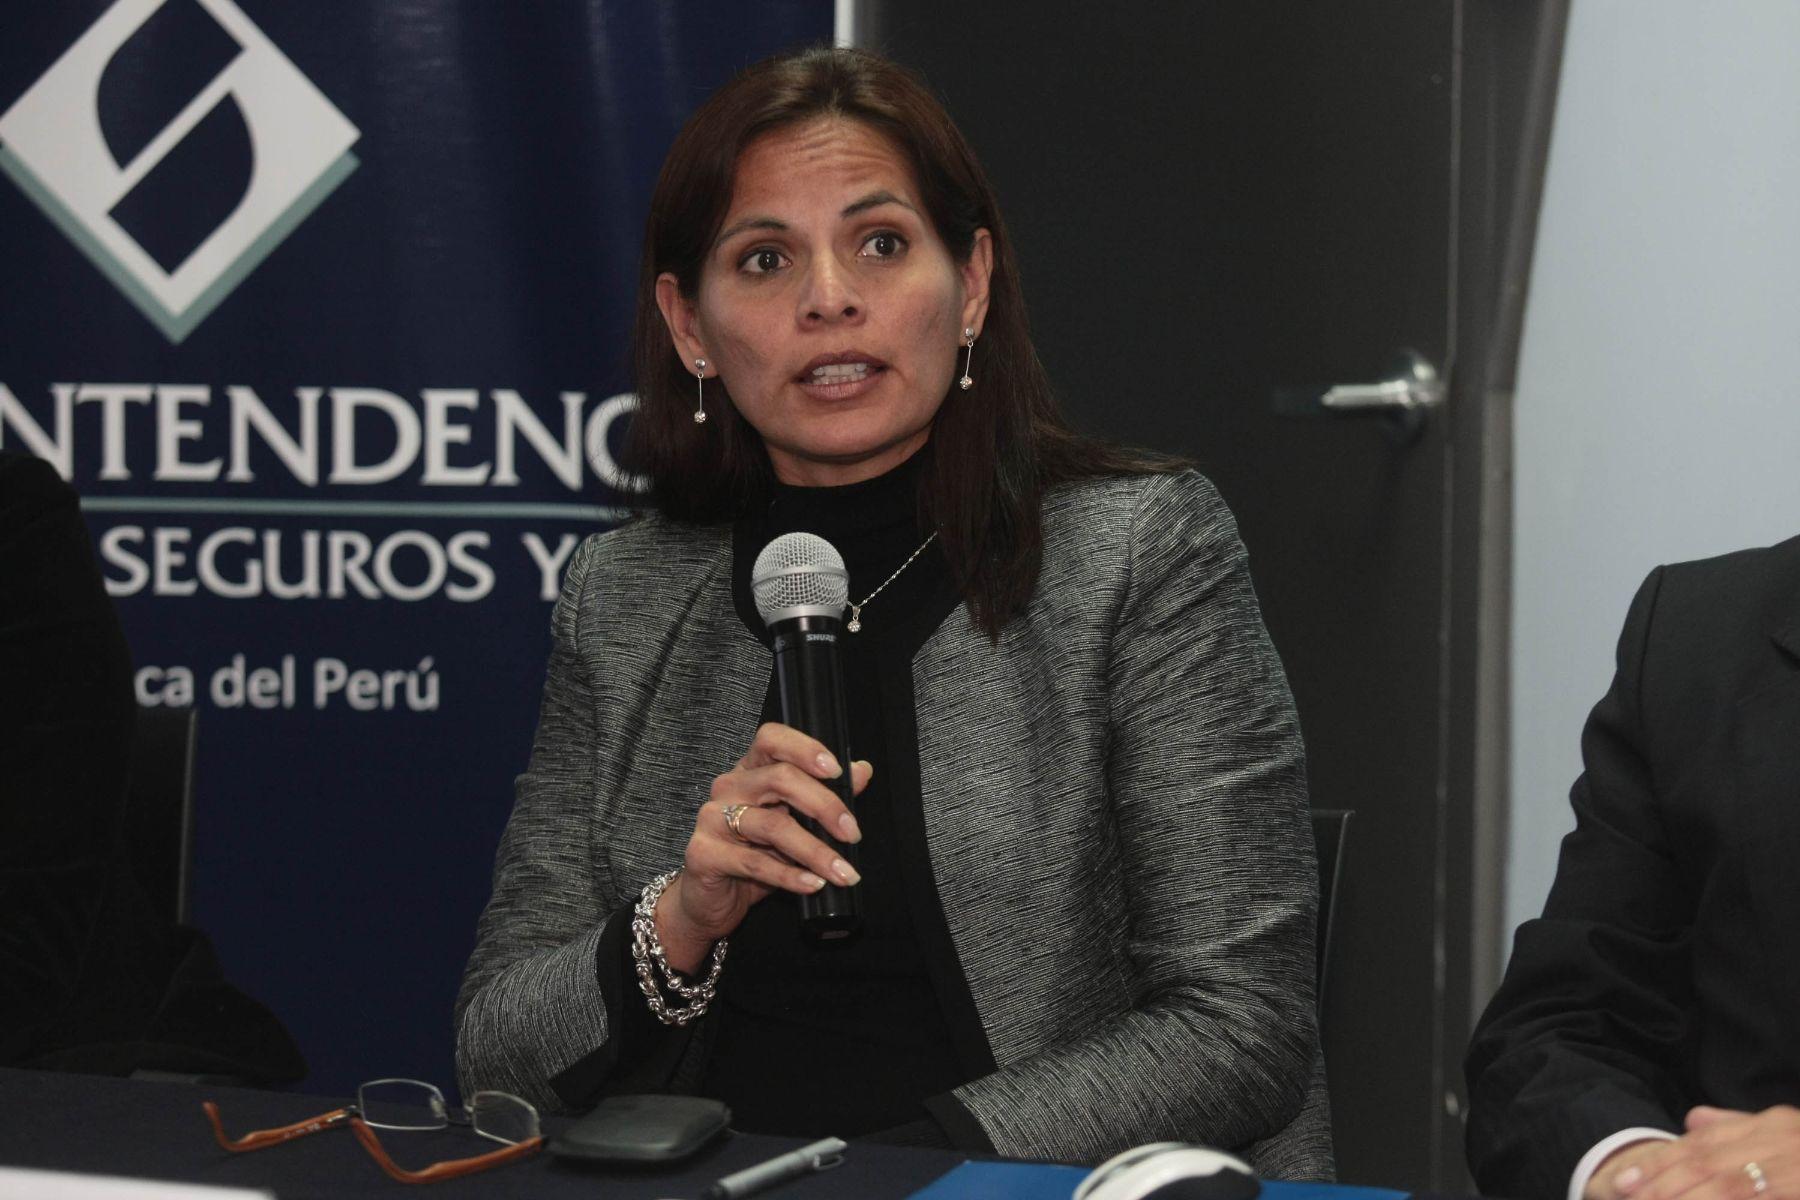 Mariela Zaldívar de la SBS, ANDINA/Juan Carlos Guzmán